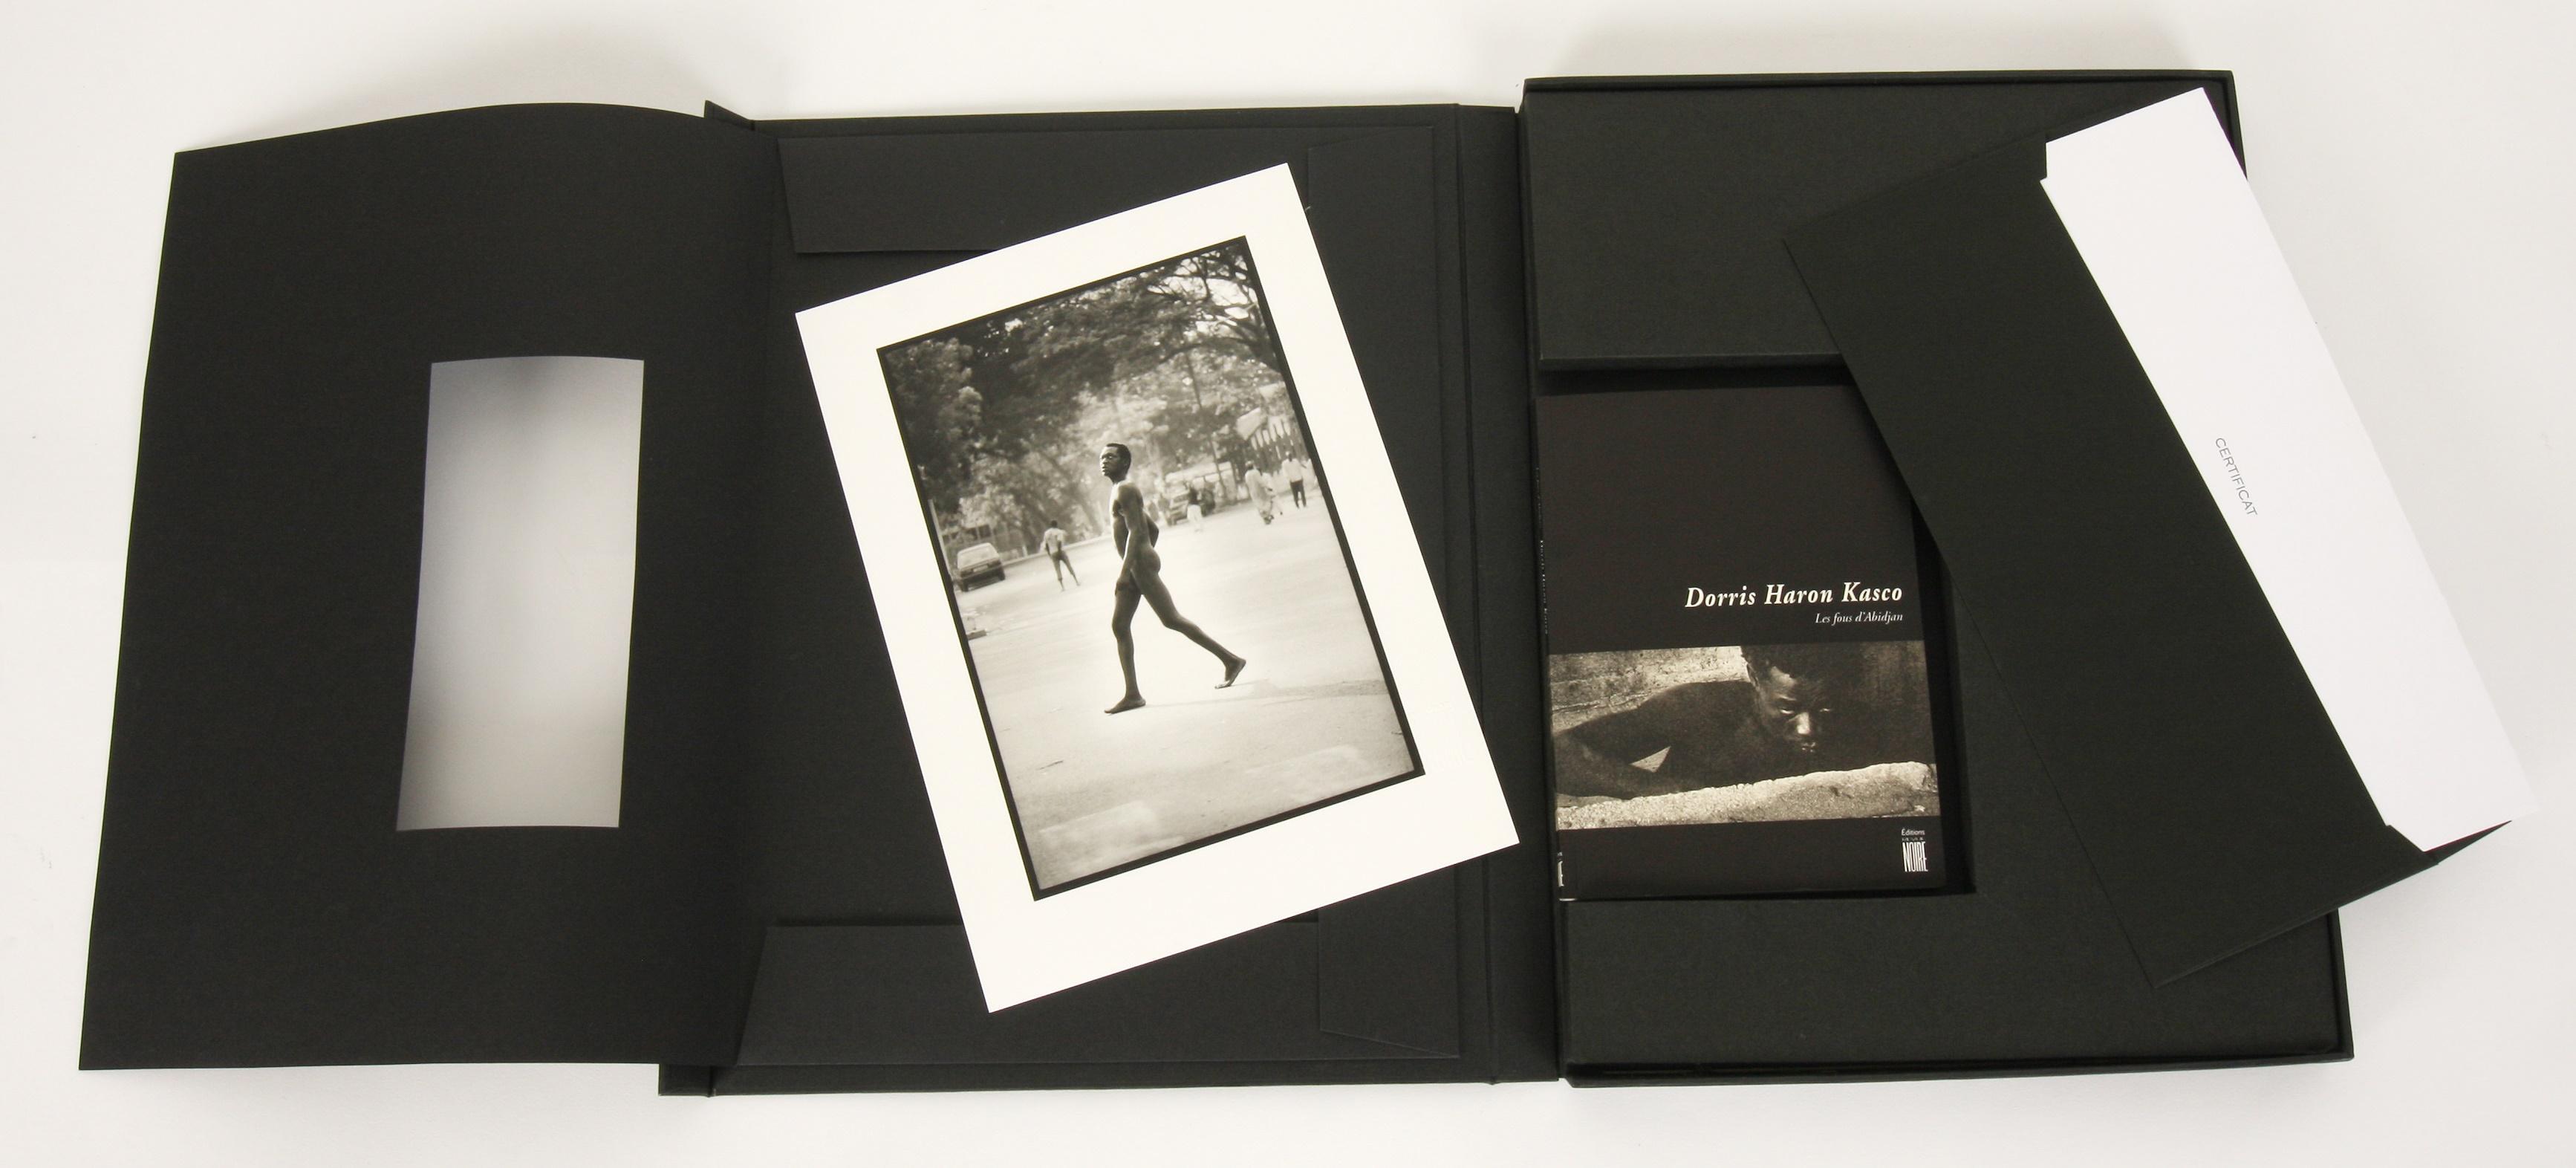 Dorris Haron Kasco (France 1966-) Les Fous D'Abidjan, Photographies portfolio, 2000